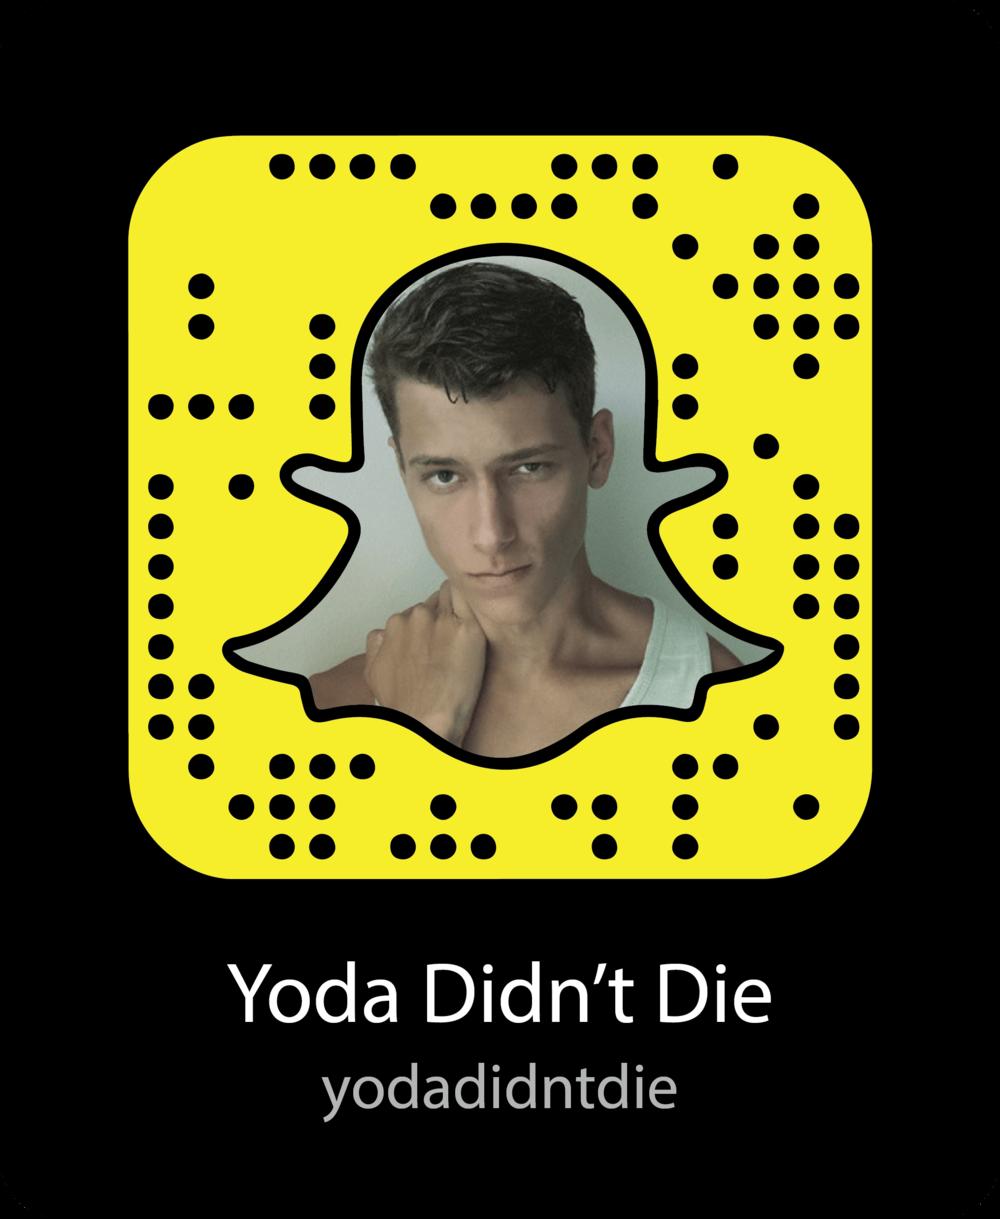 yoda-didnt-die-storytellers-snapchat-snapcode.png